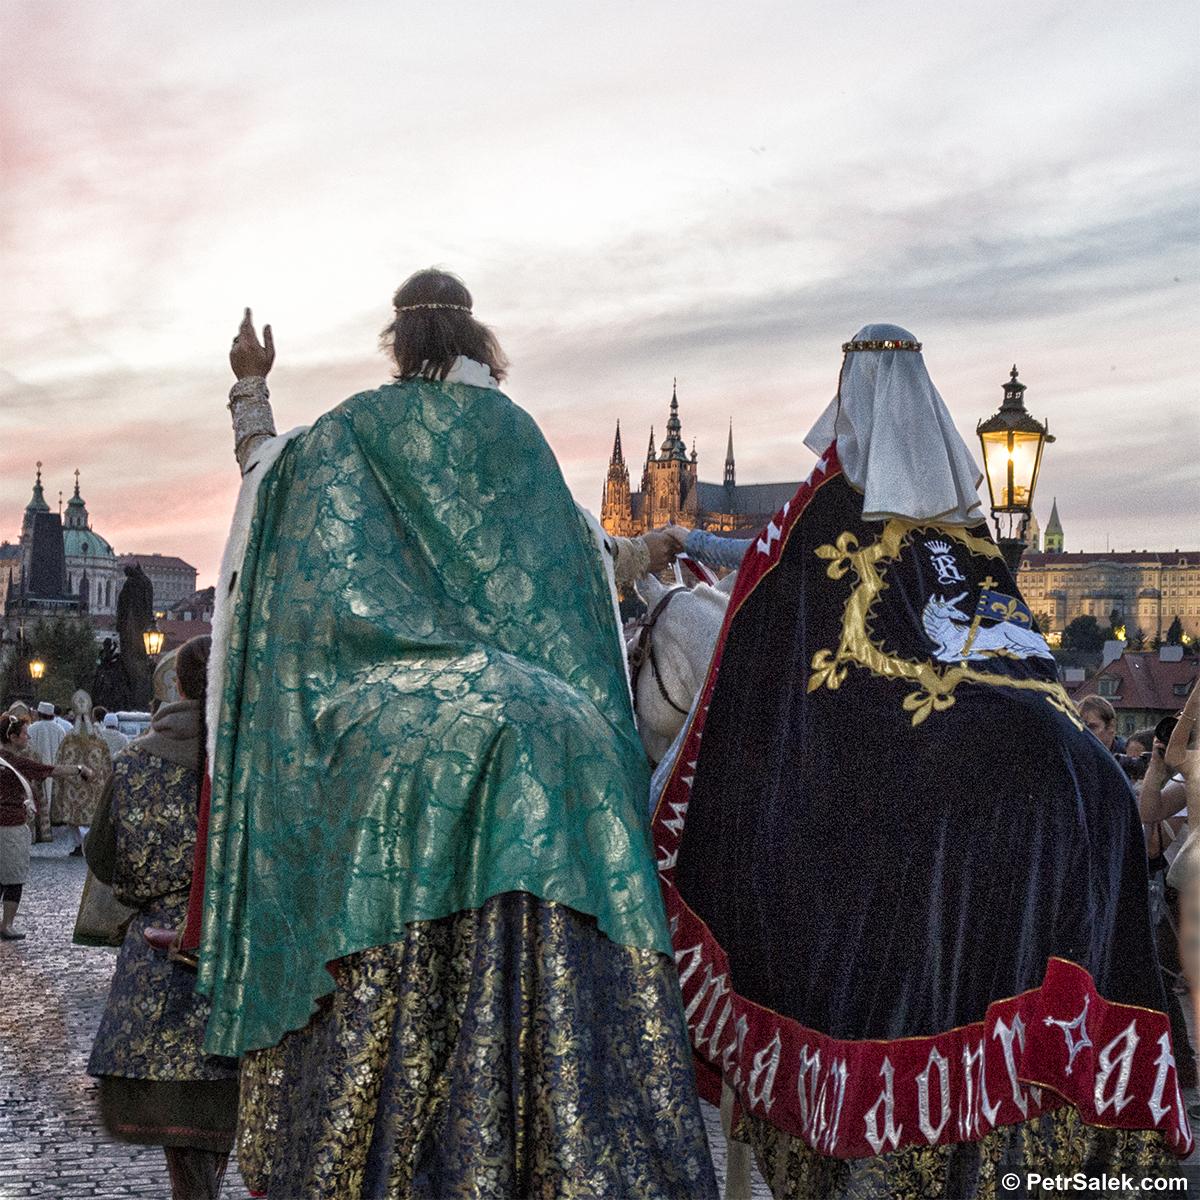 KORUNOVAČNÍ SLAVNOSTI V PRAZE k příležitosti výročí 700 let od narození Karla IV. Lucemburského, krále Zemí koruny České a císaře Svaté říše Římské